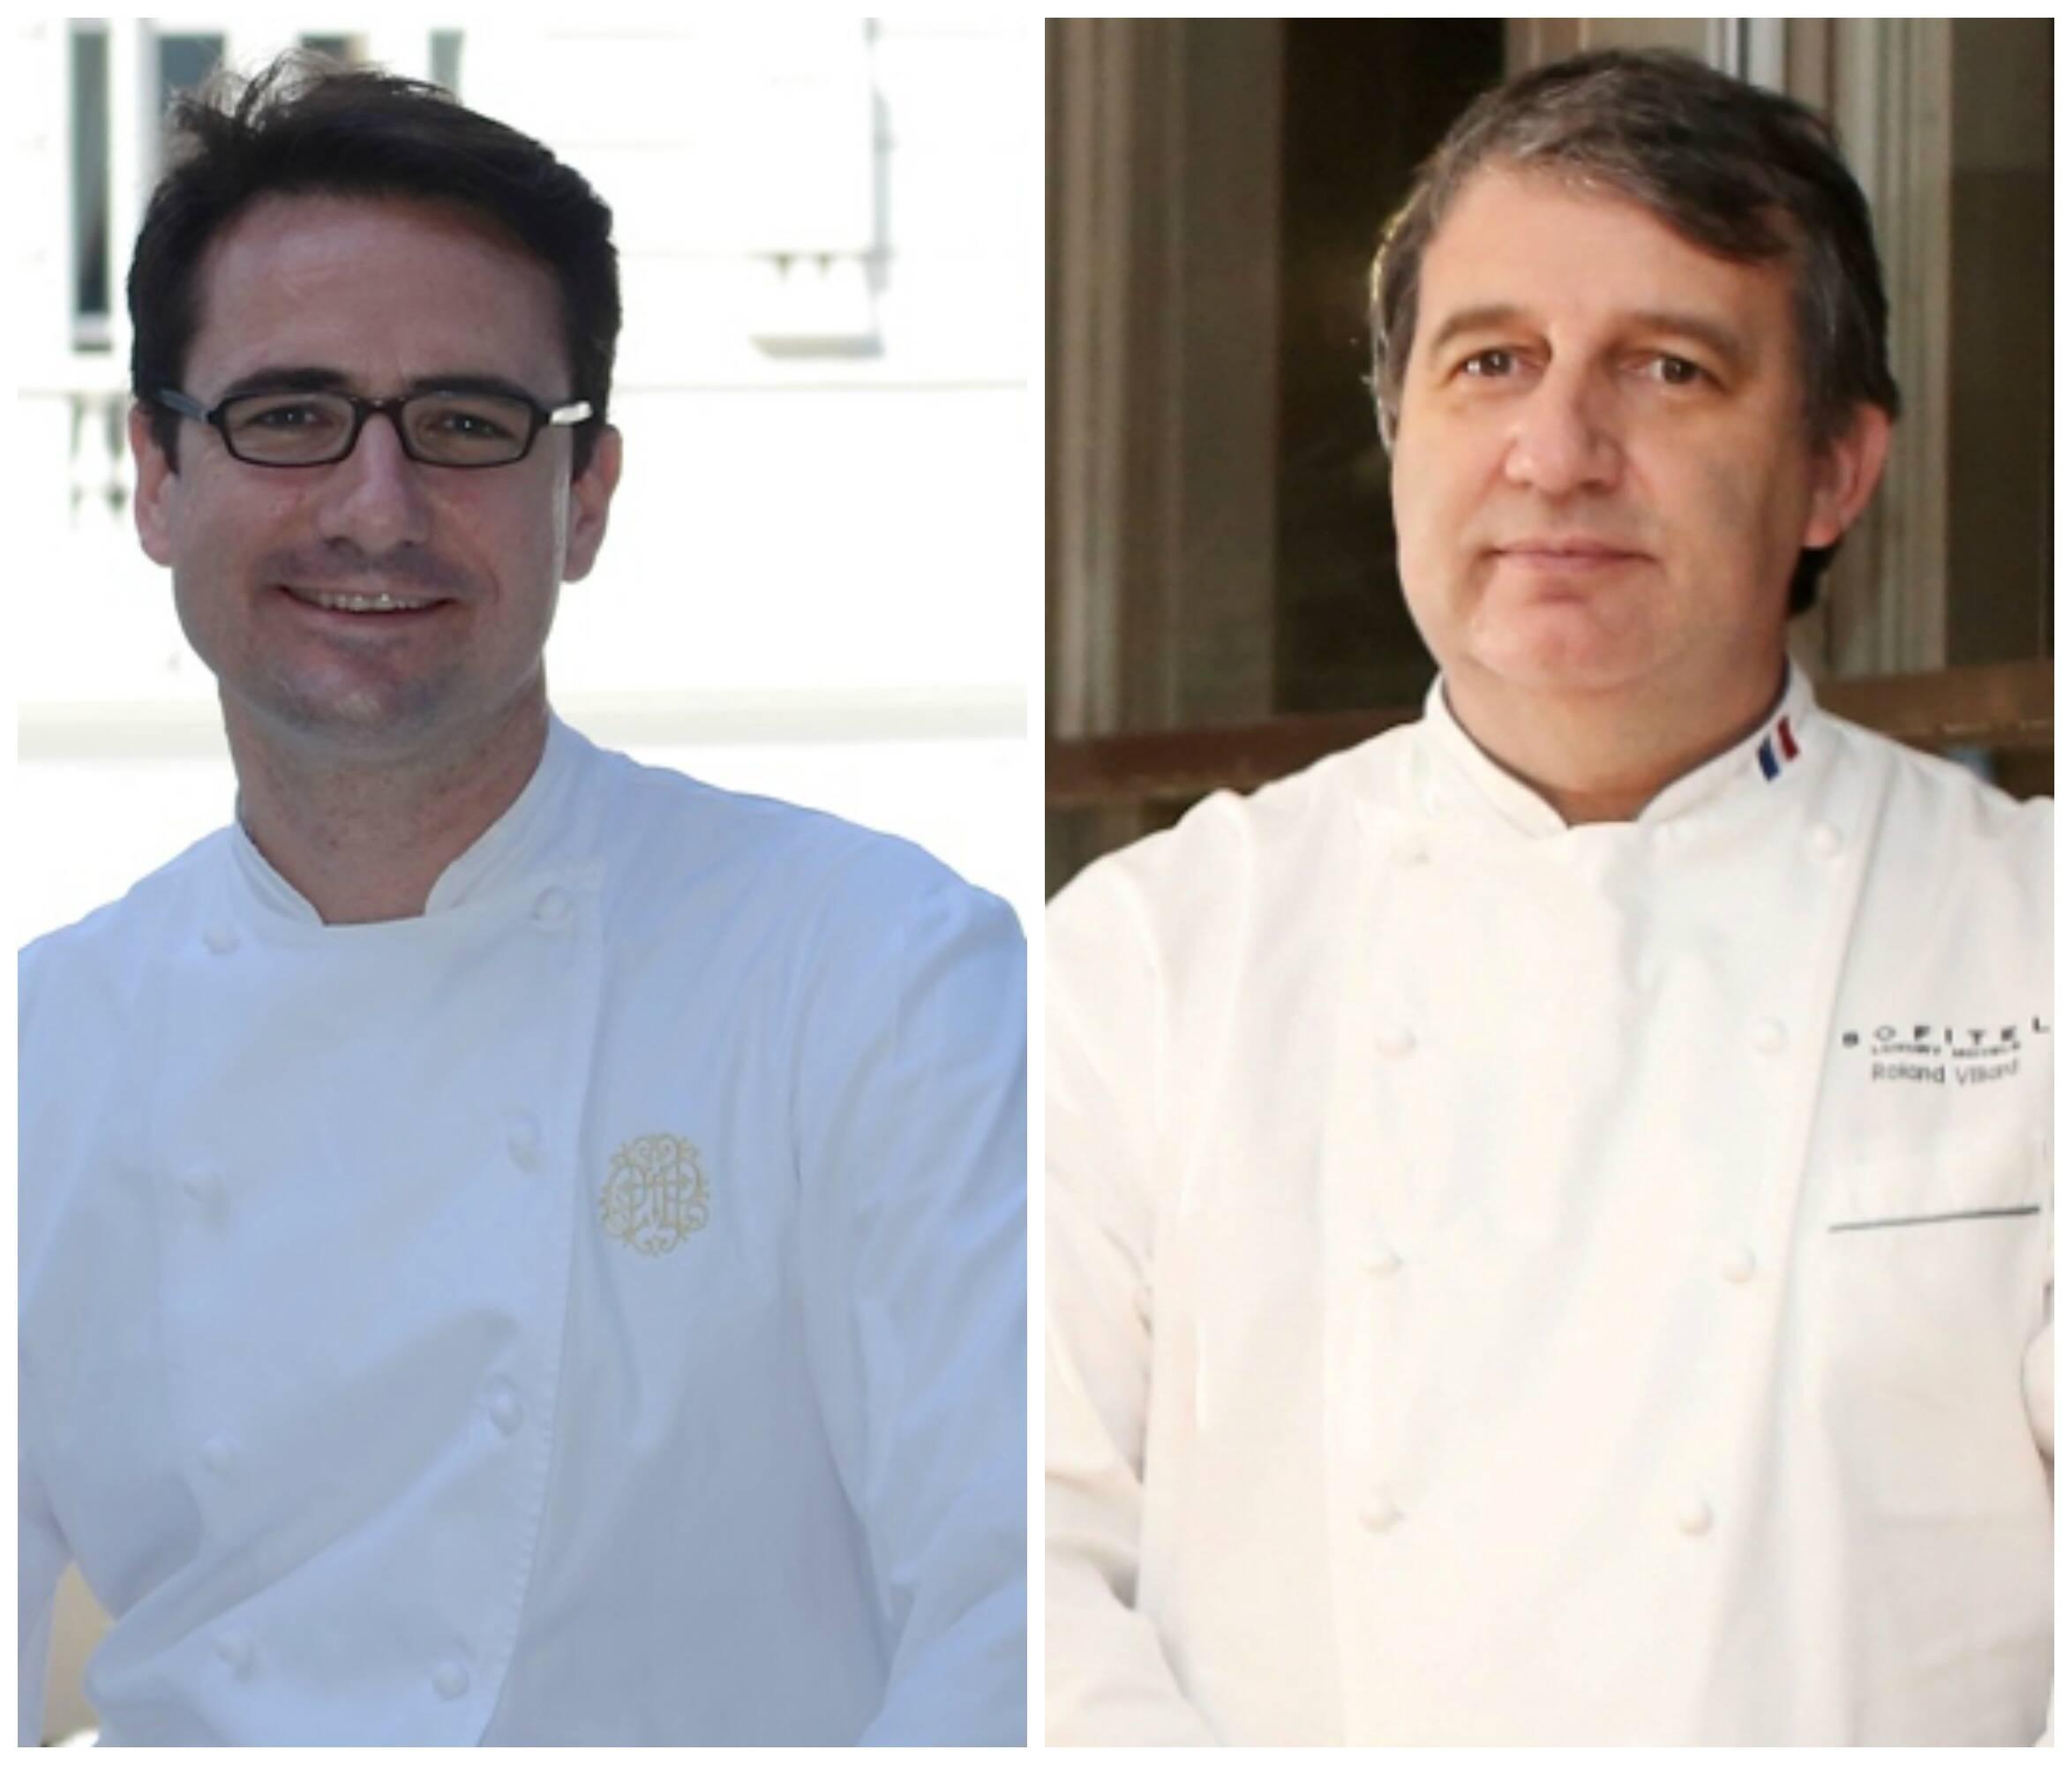 Pierre-Olivier Petit, do Copacabana Palace, e Roland Villard, do Le Pré-Catelan: eles vão comandar um jantar feito por 16 jovens chefs / Fotos: divulgação